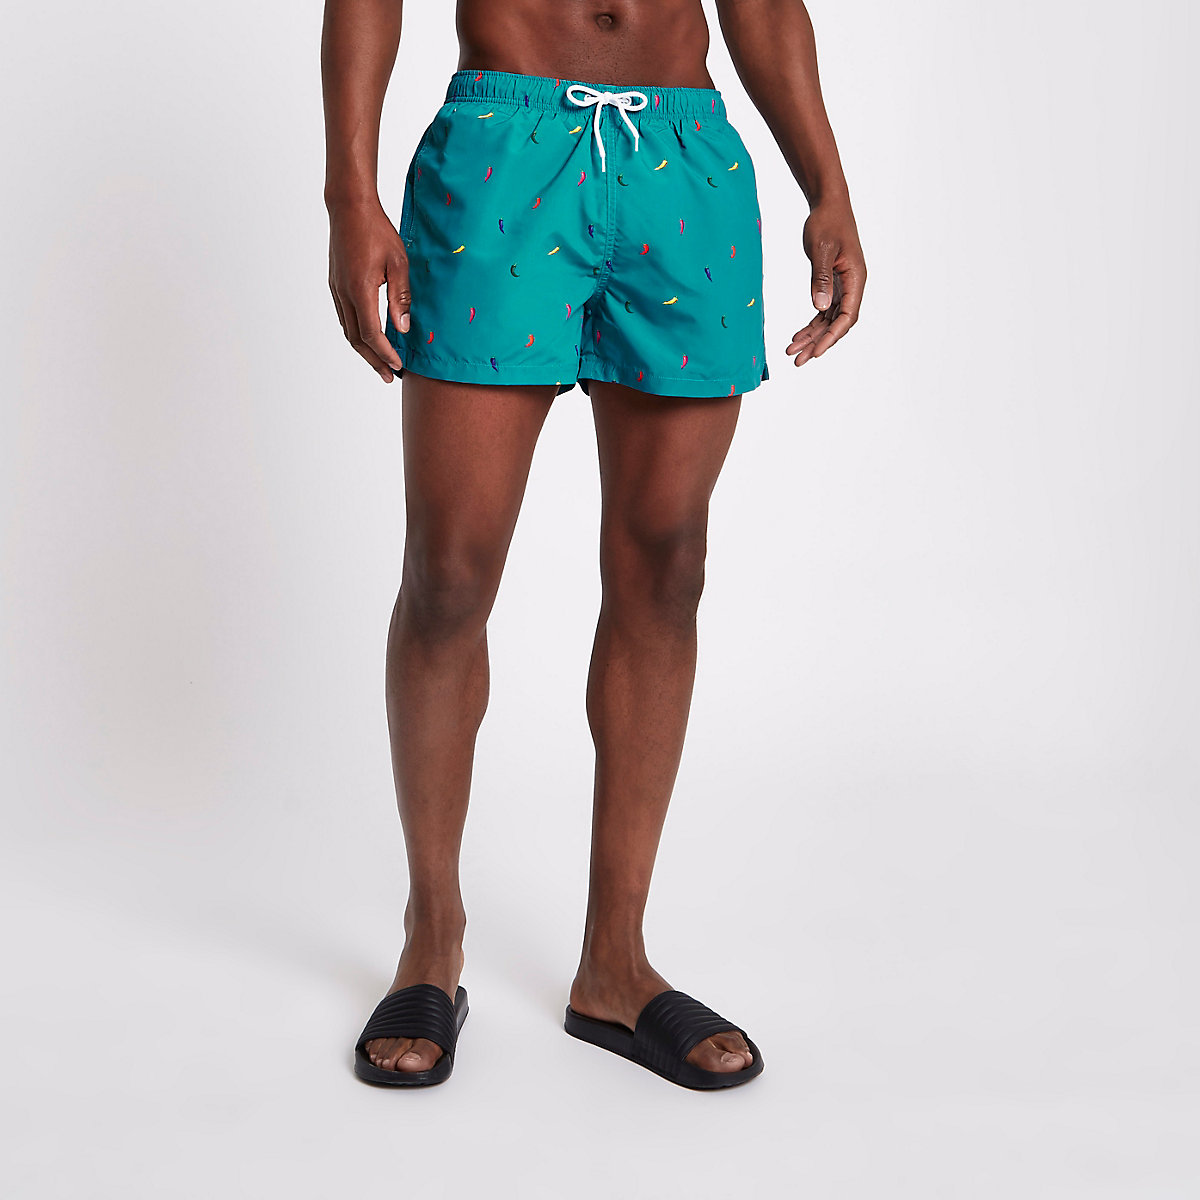 Green chilli print short swim shorts